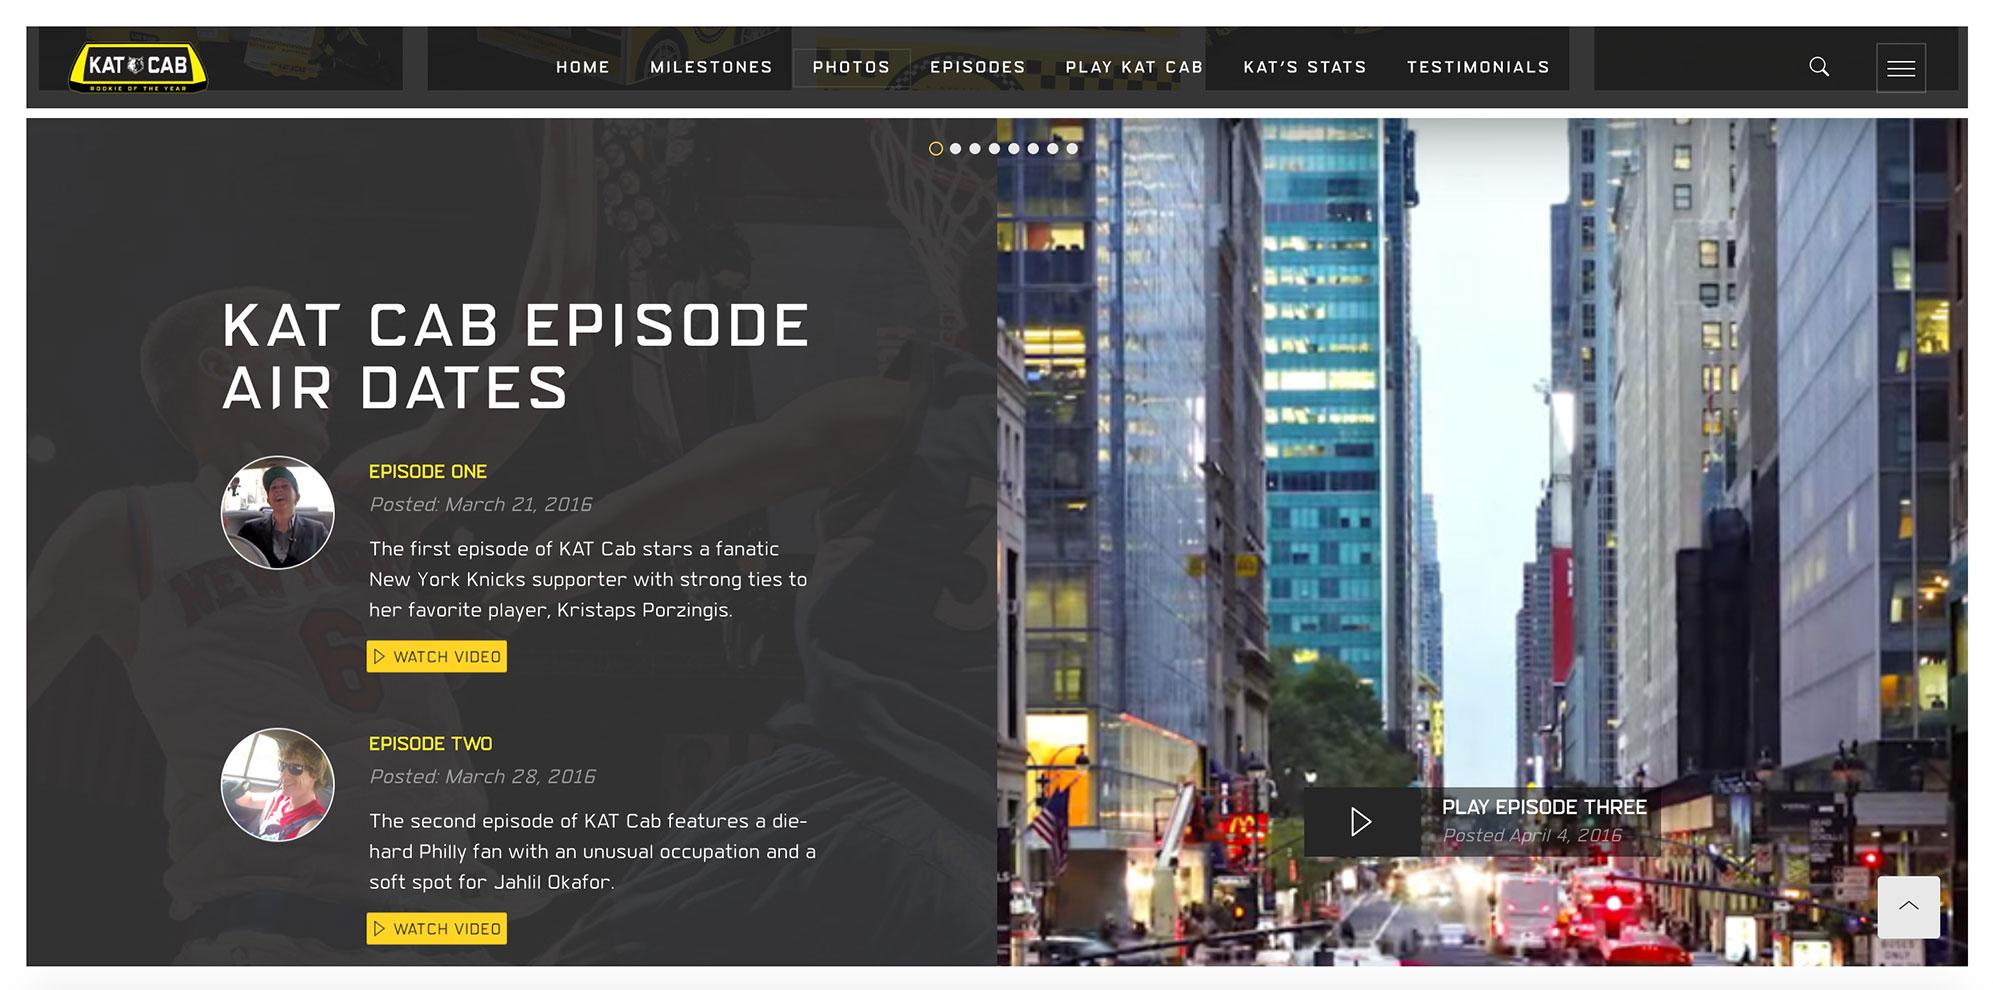 Kat Cab Episodes Spot, Desktop View